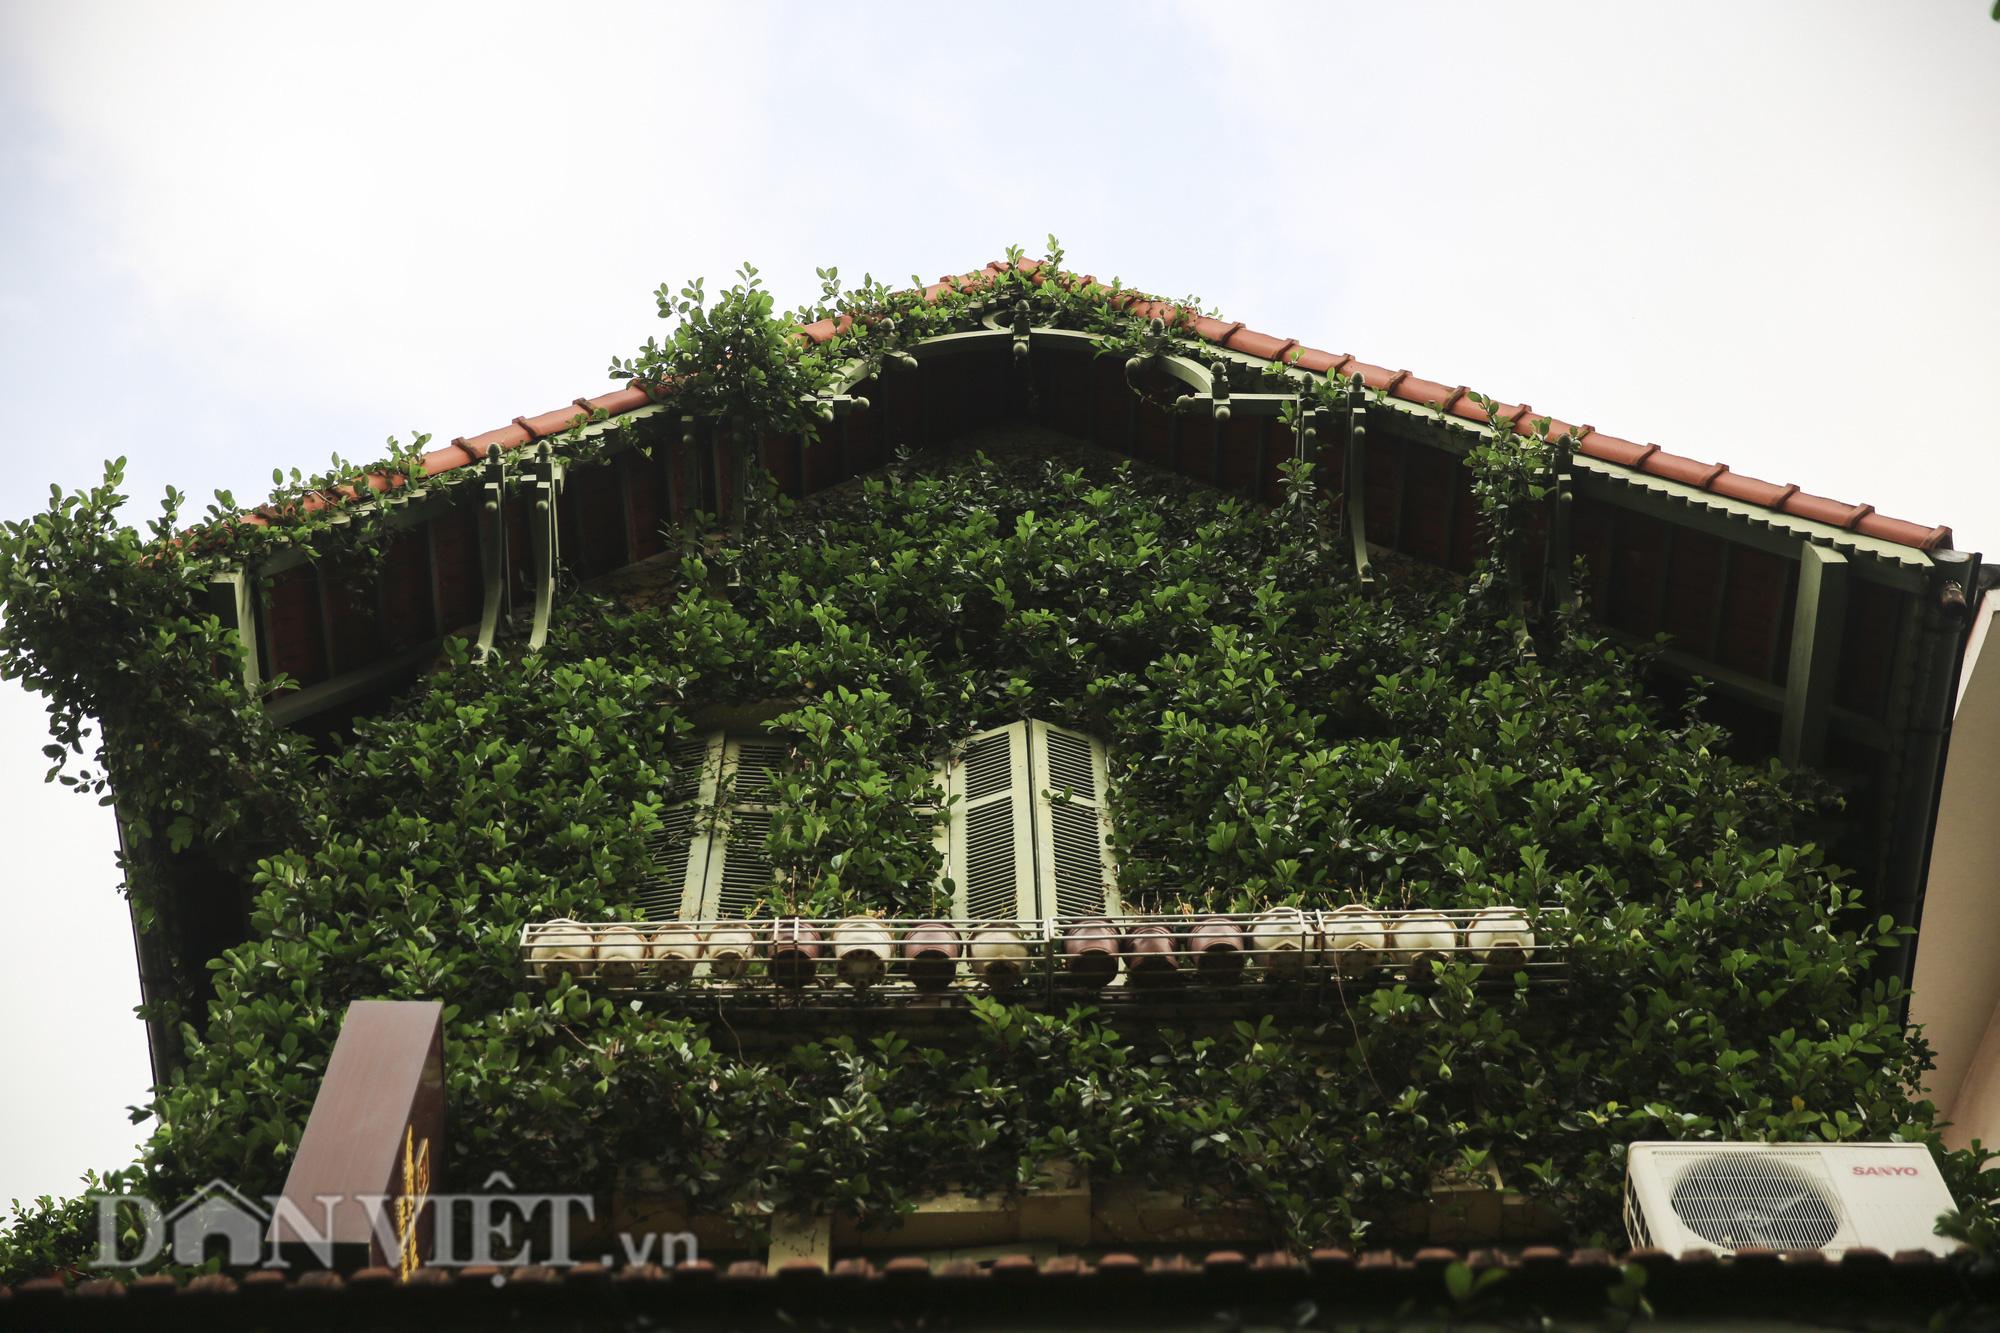 """Chiêm ngưỡng căn biệt thự được """"ngụy trang"""" bởi cây xanh giữa lòng Hà Nội - Ảnh 10."""